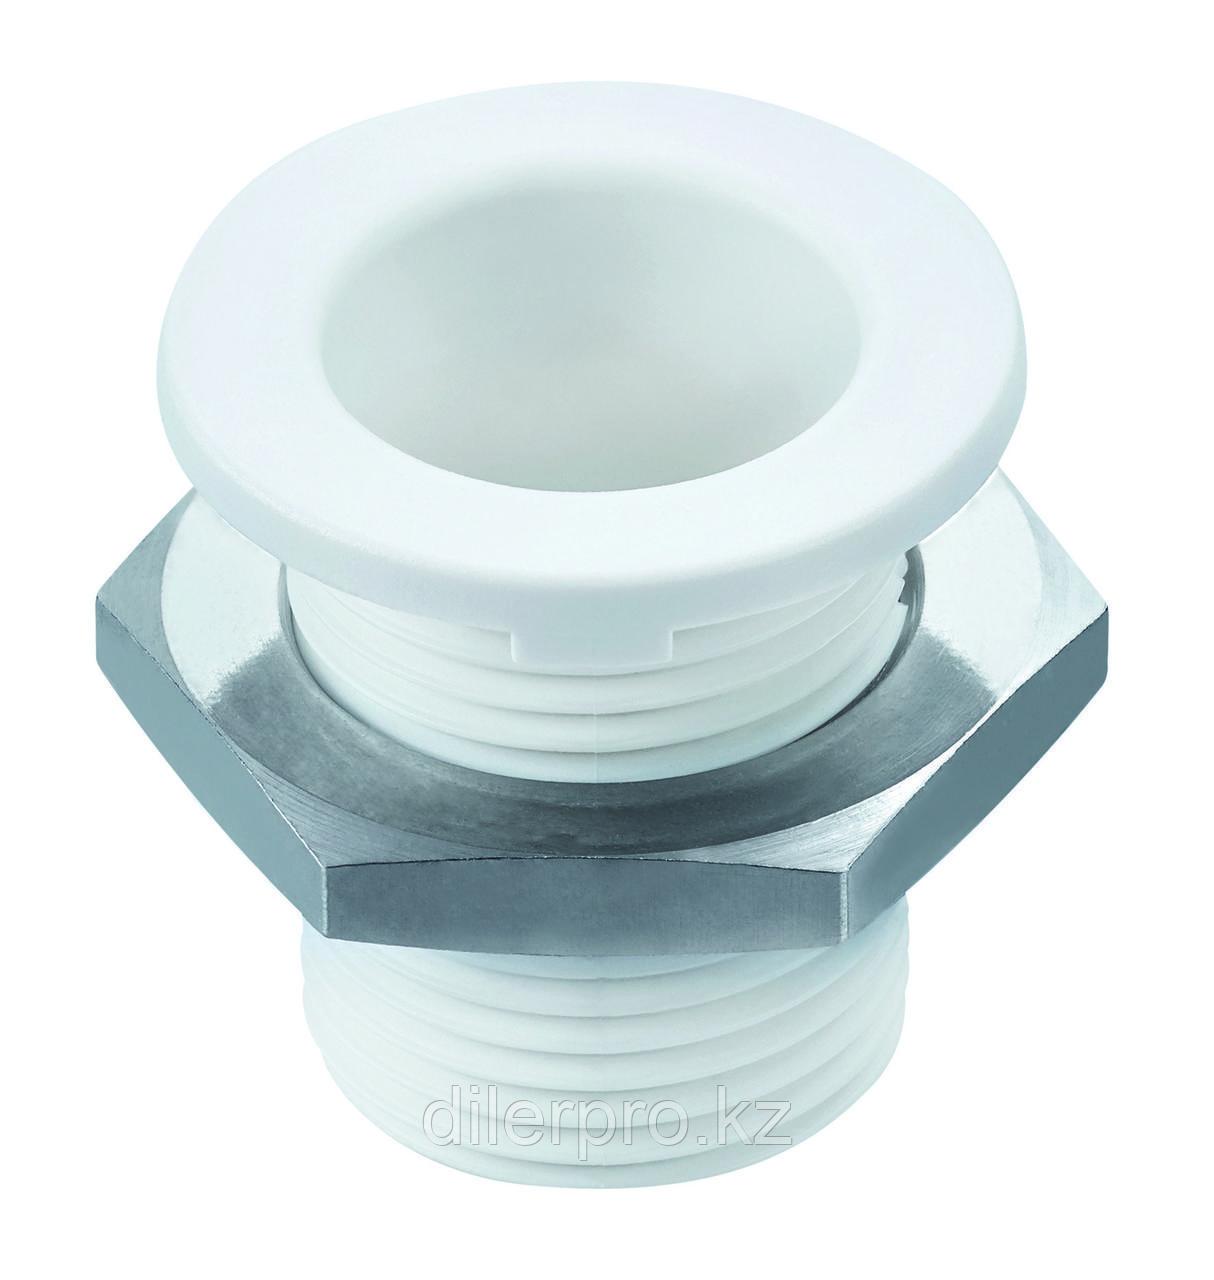 Втулка для крепления внешних зондов температуры/влажности